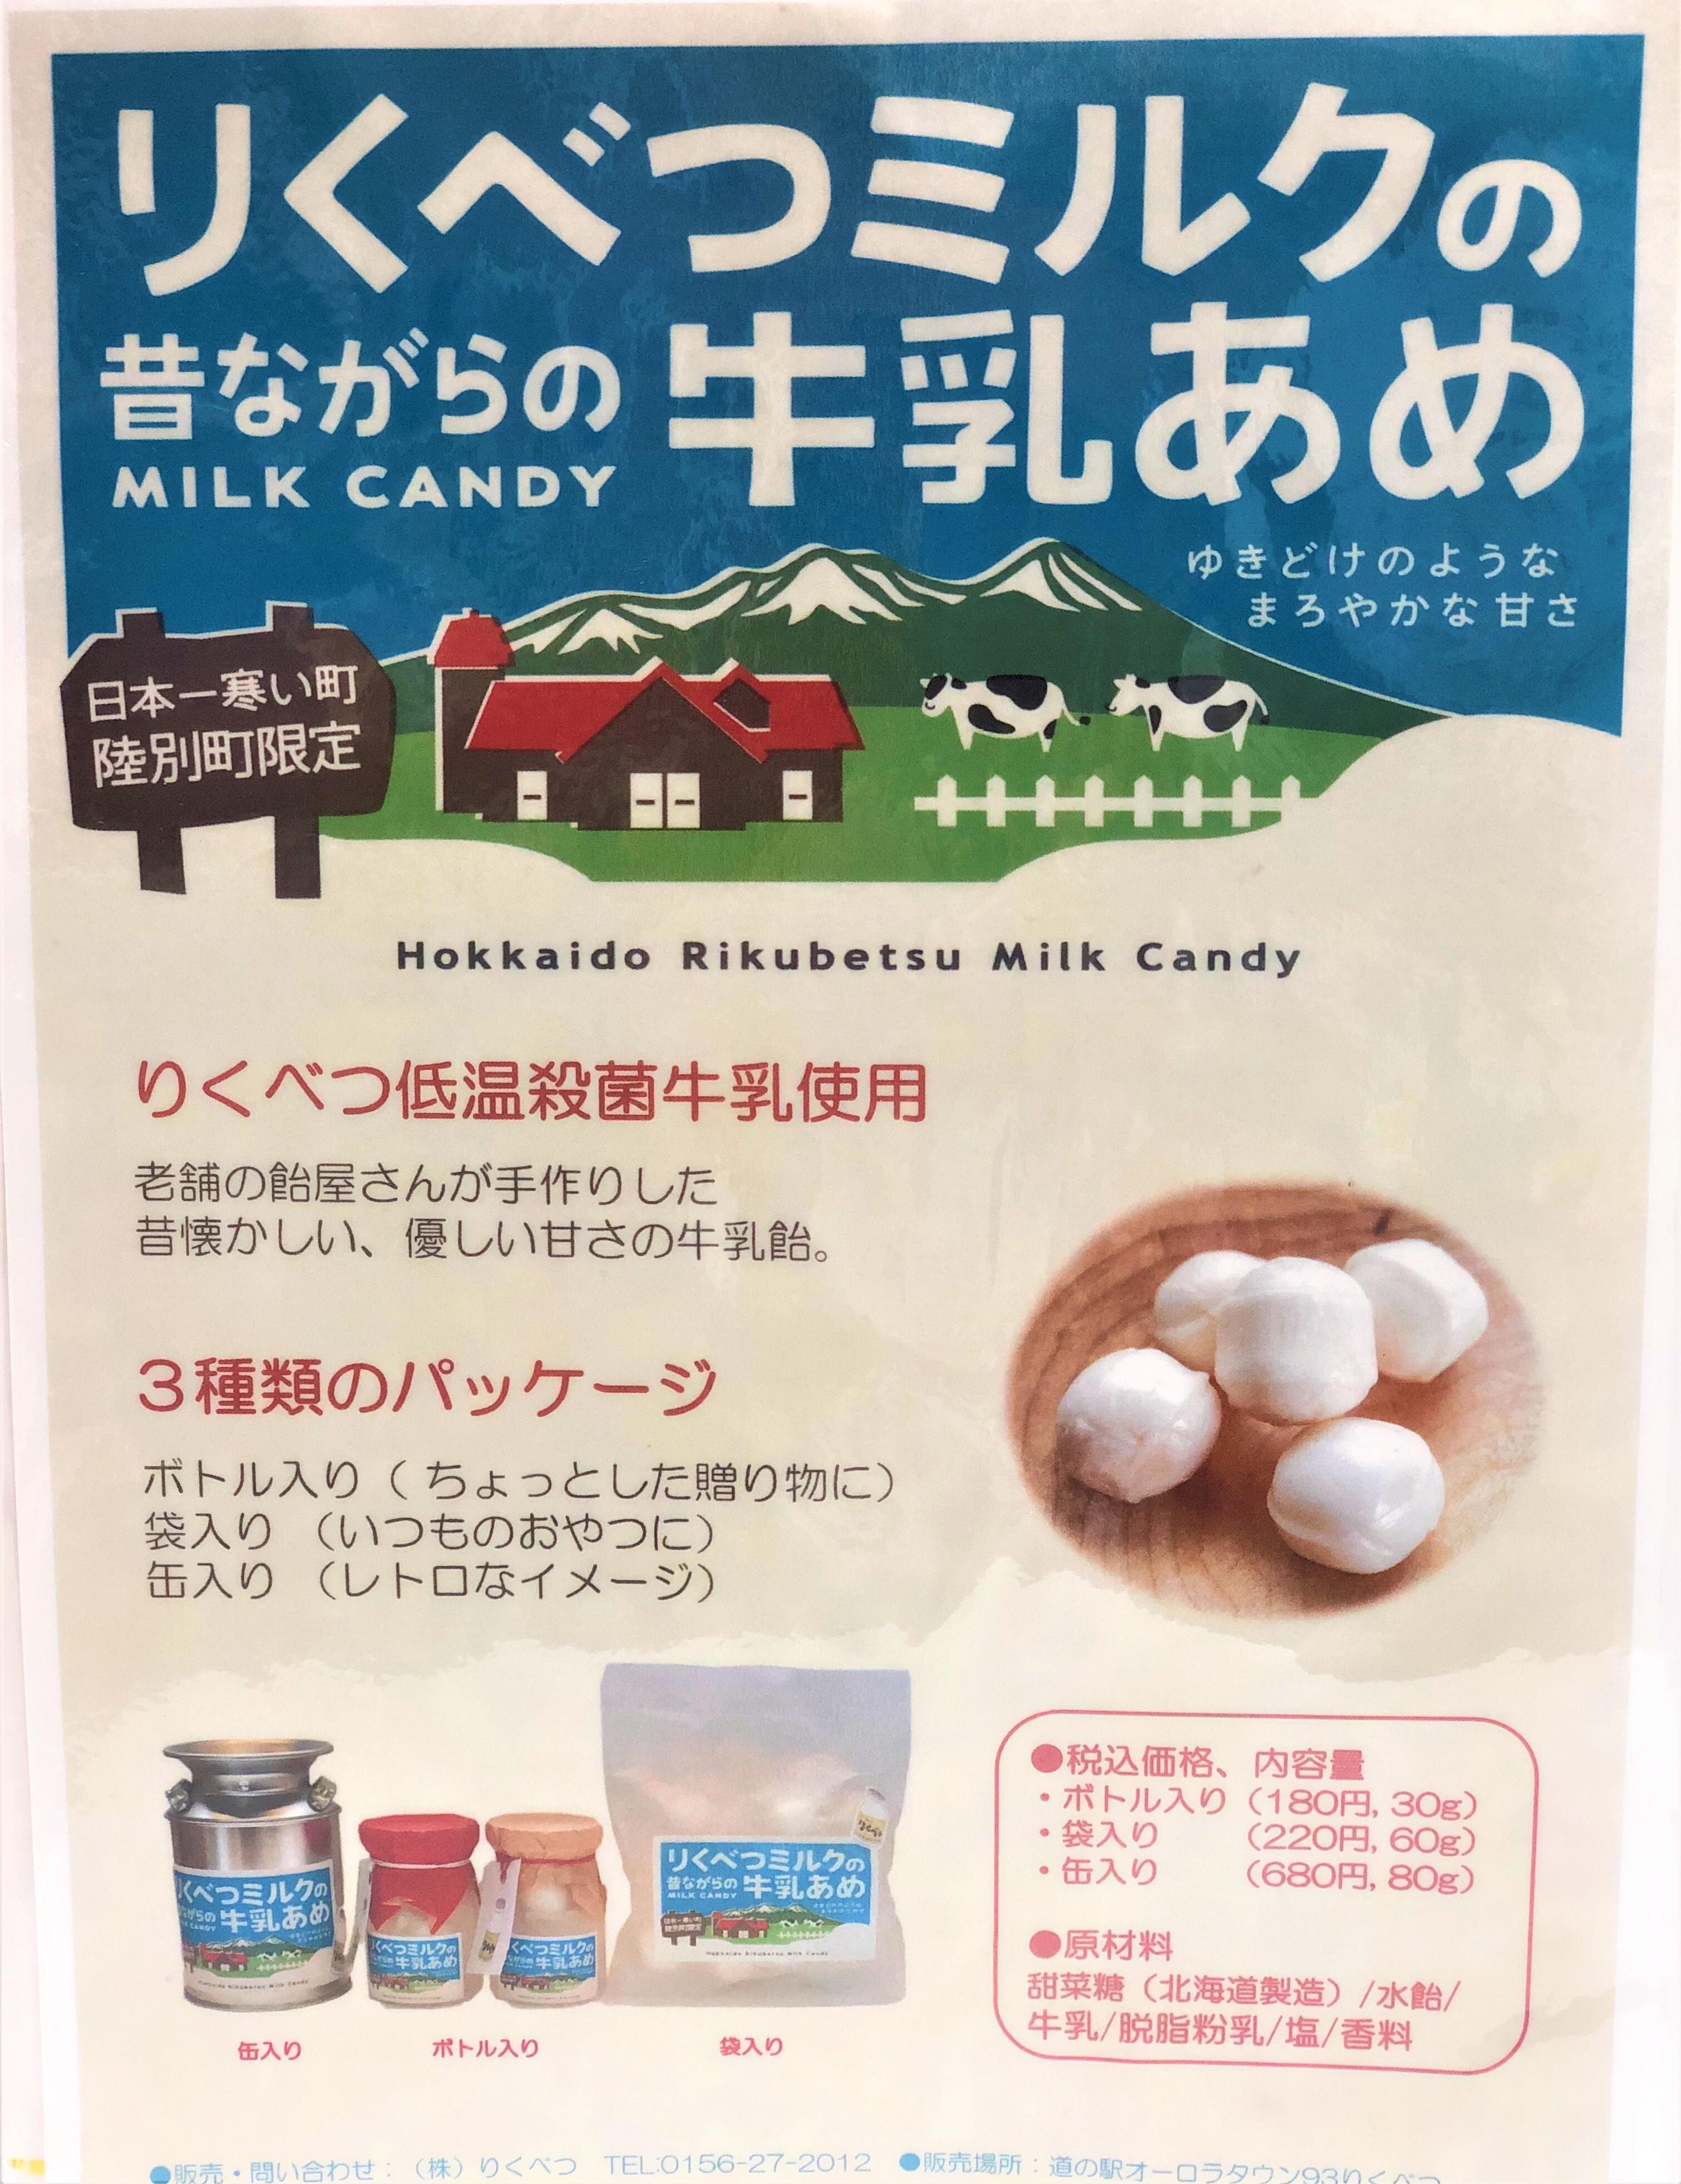 【常温】りくべつミルクの昔ながらの牛乳あめ(袋) - 画像1